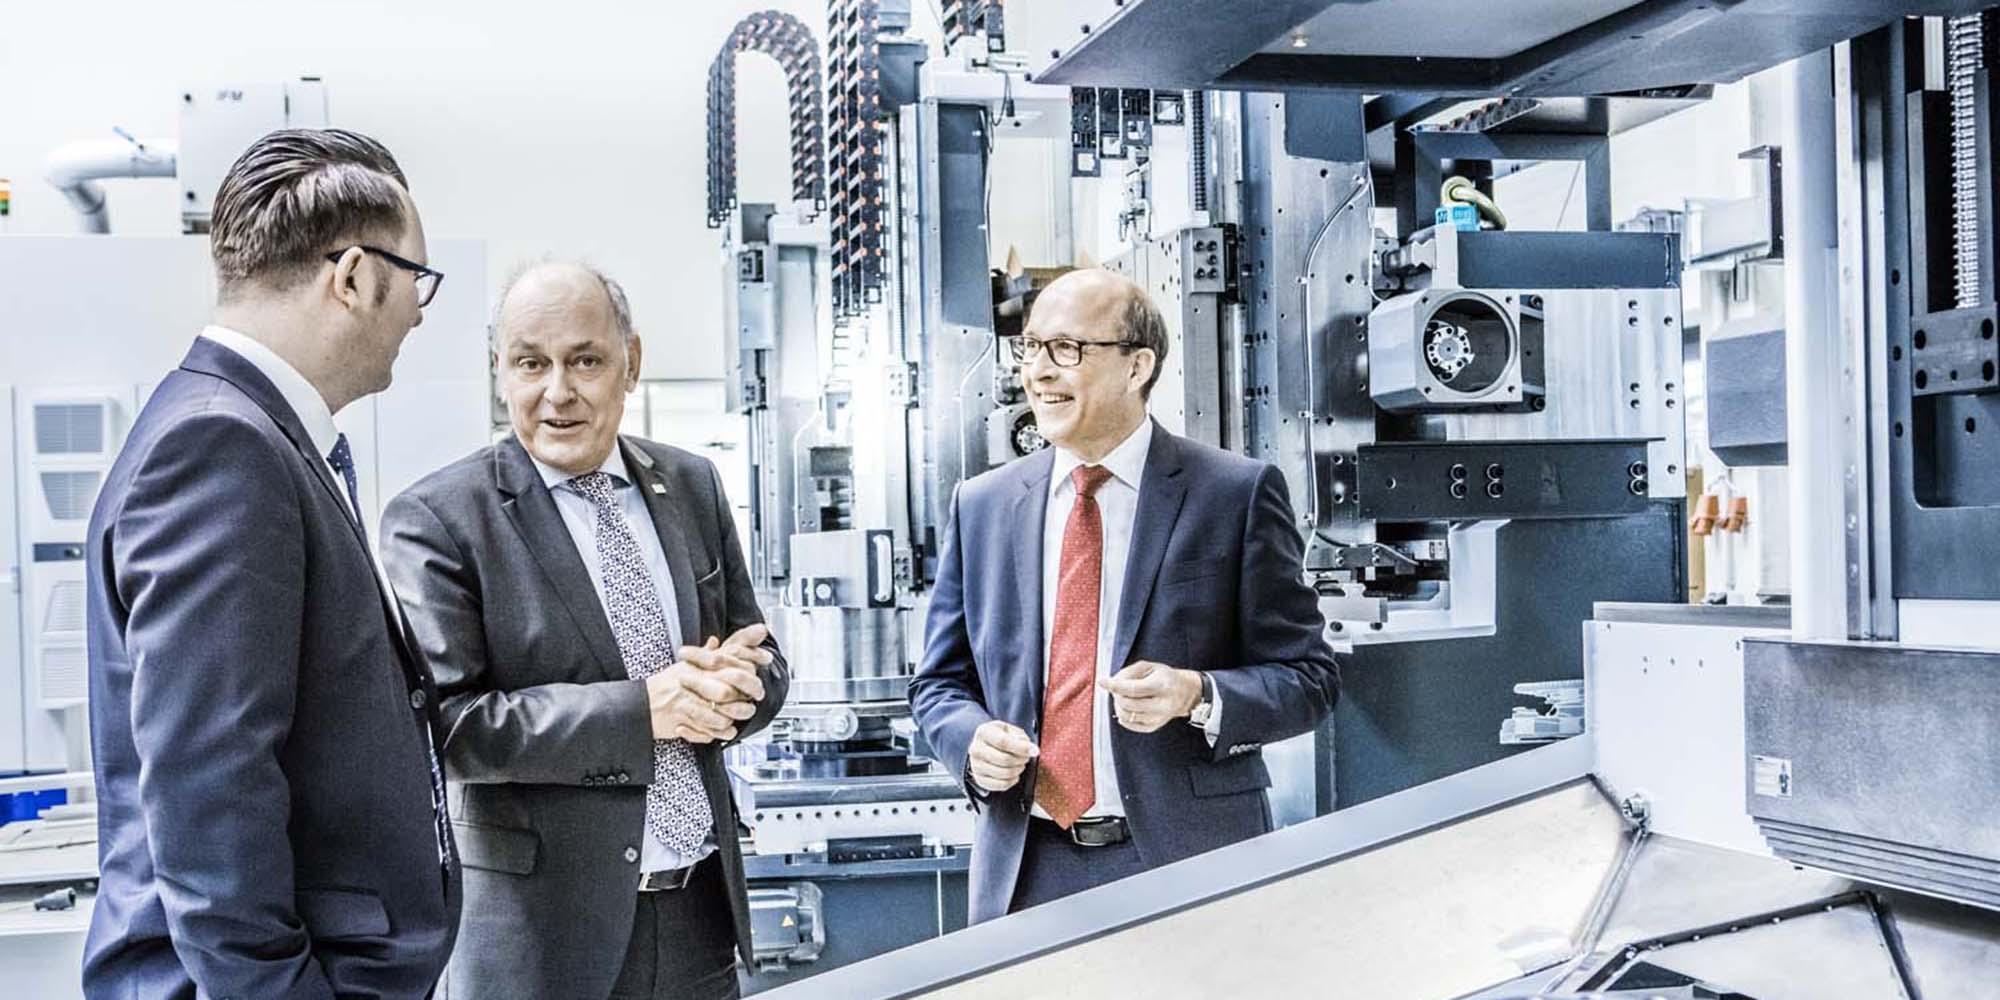 Business Portrait von drei Personen im Gespräch. Sie stehen zwischen industriellen Anlagen. Moderne Industriefotografie